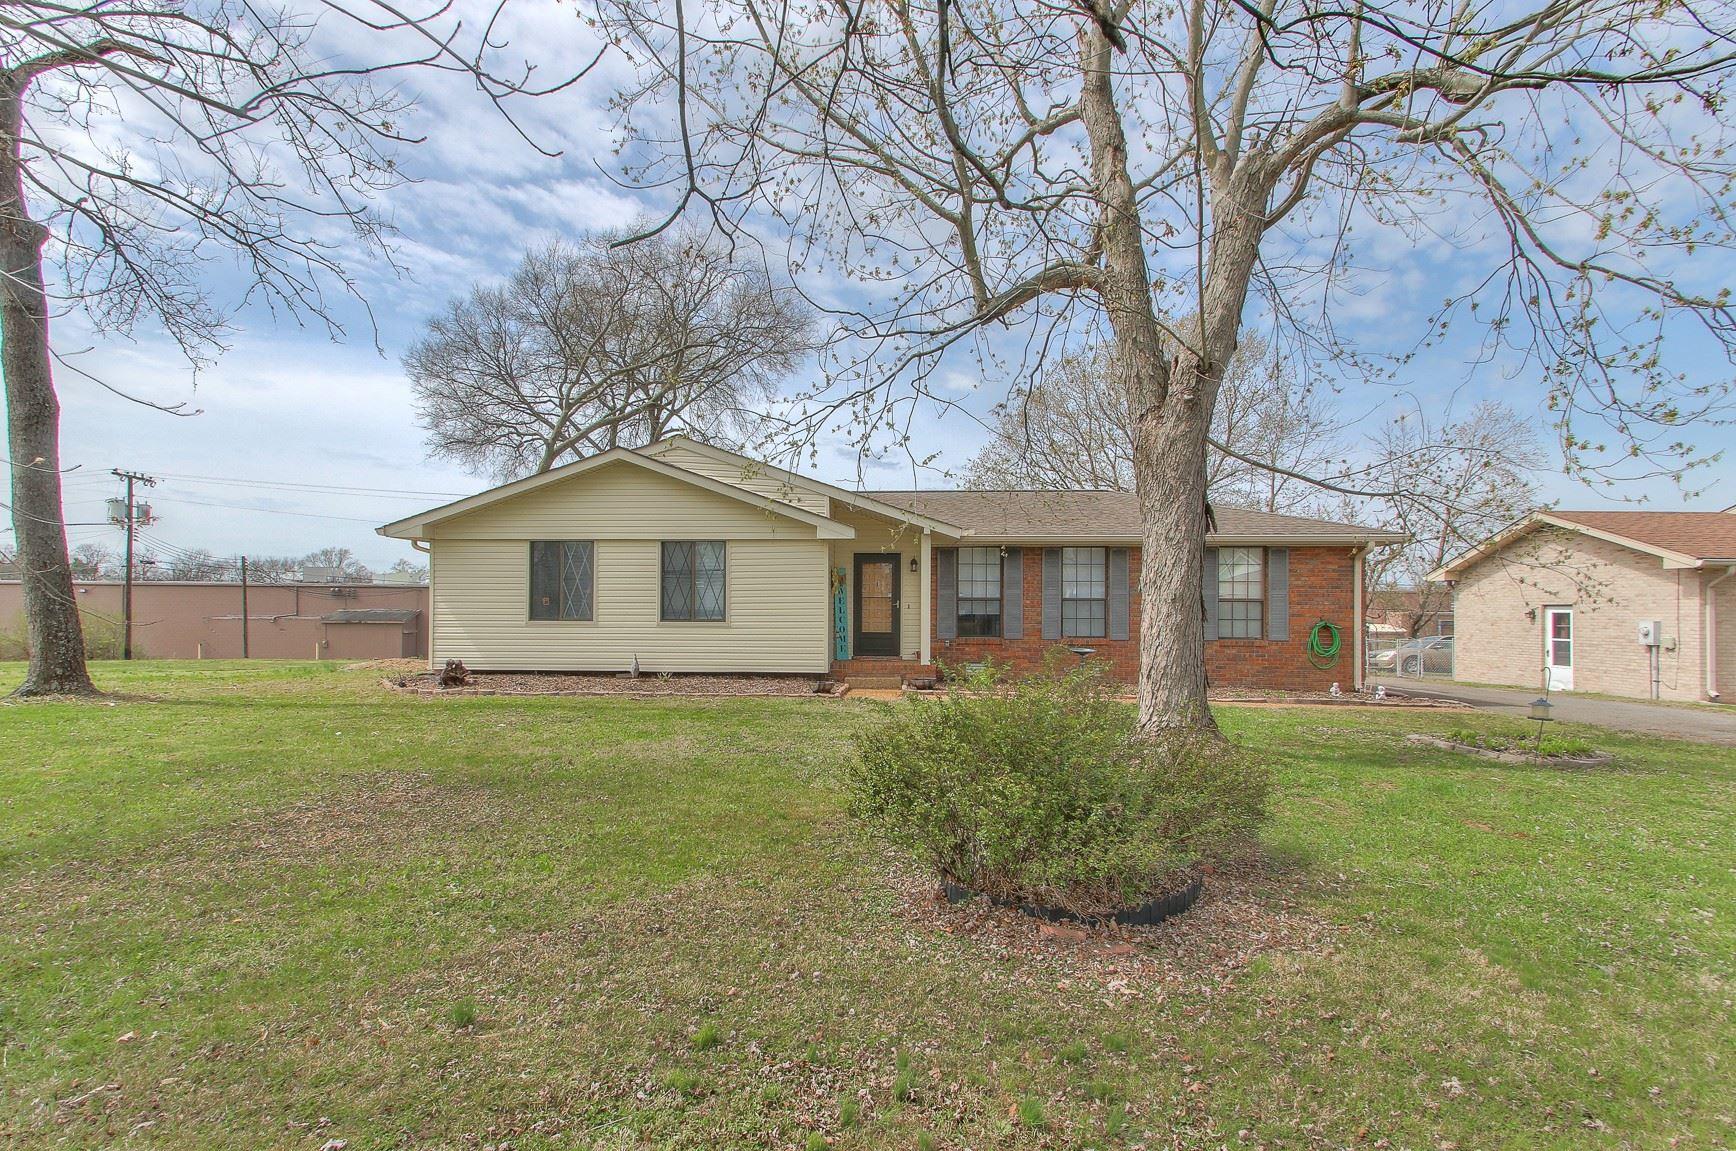 624 Cross St, Gallatin, TN 37066 - MLS#: 2238688